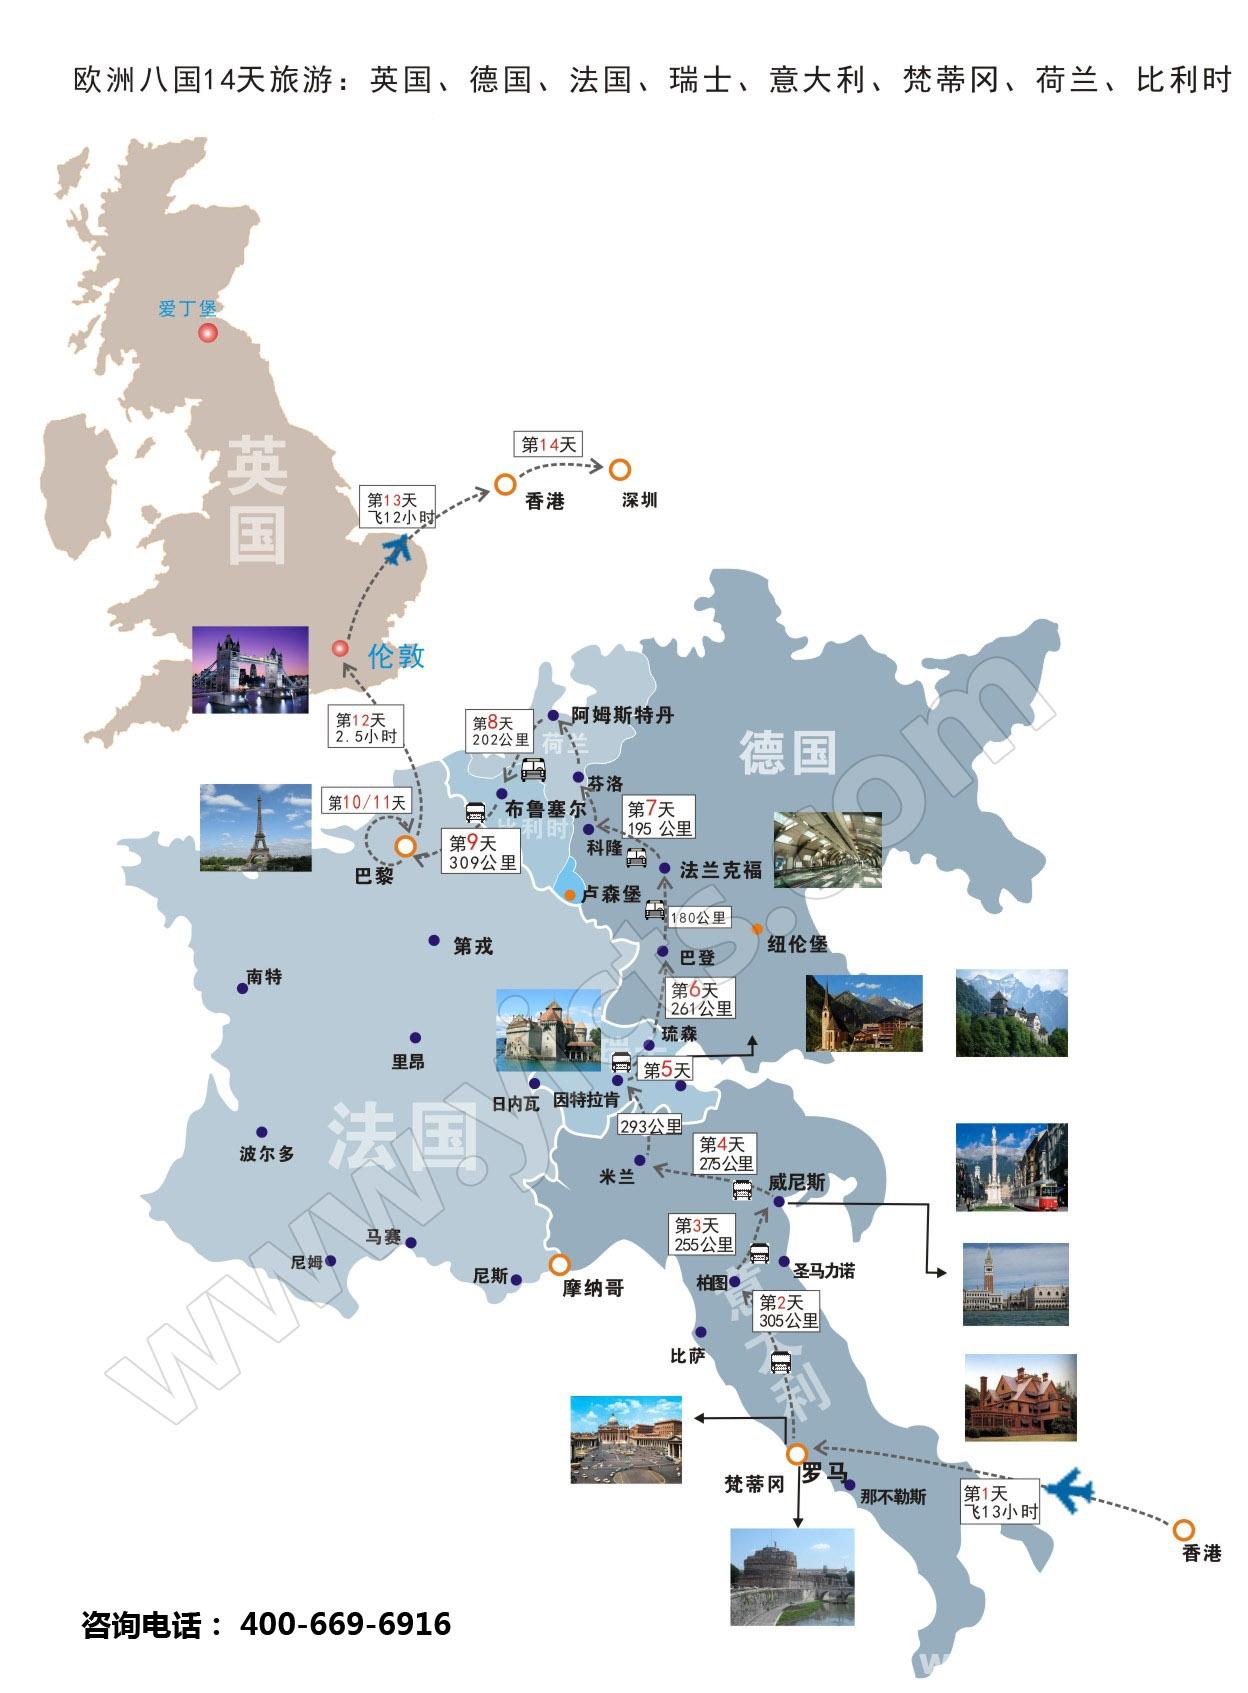 欧洲八国14天旅游路线图